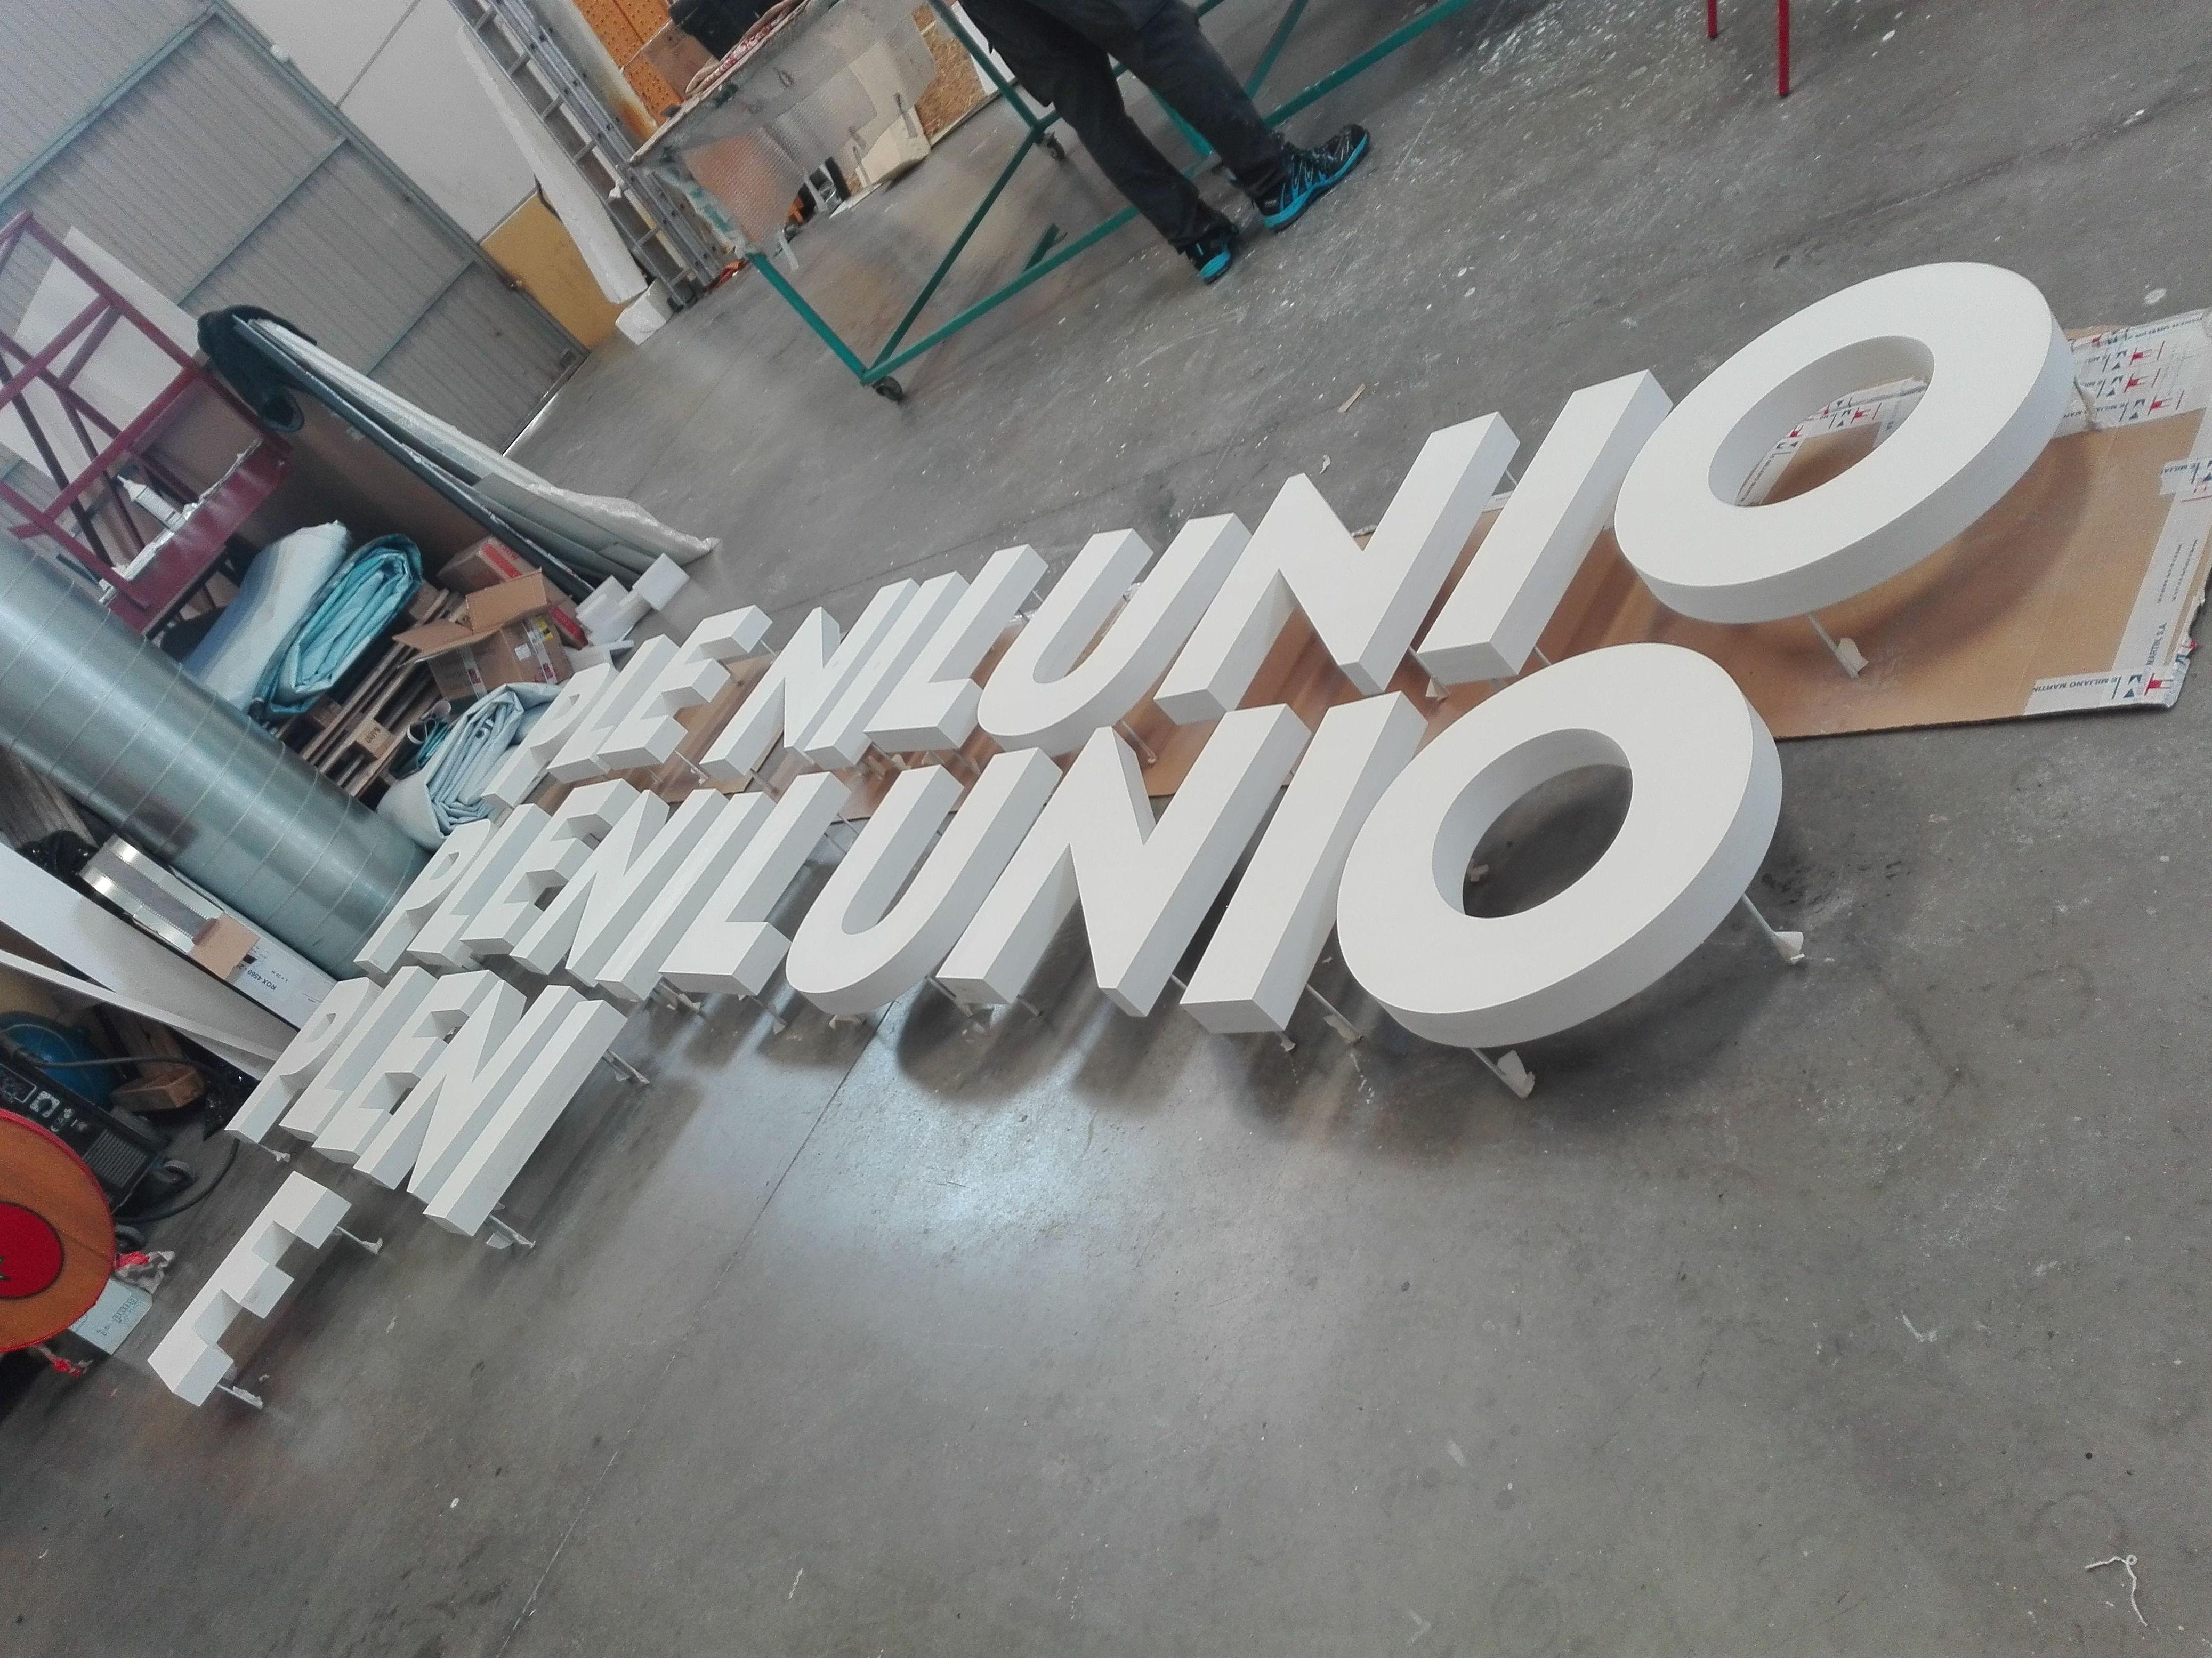 Fabricación y montaje de letras corpóreas retro iluminadas para el centro comercial Plenilunio Comunidad de Madrid.